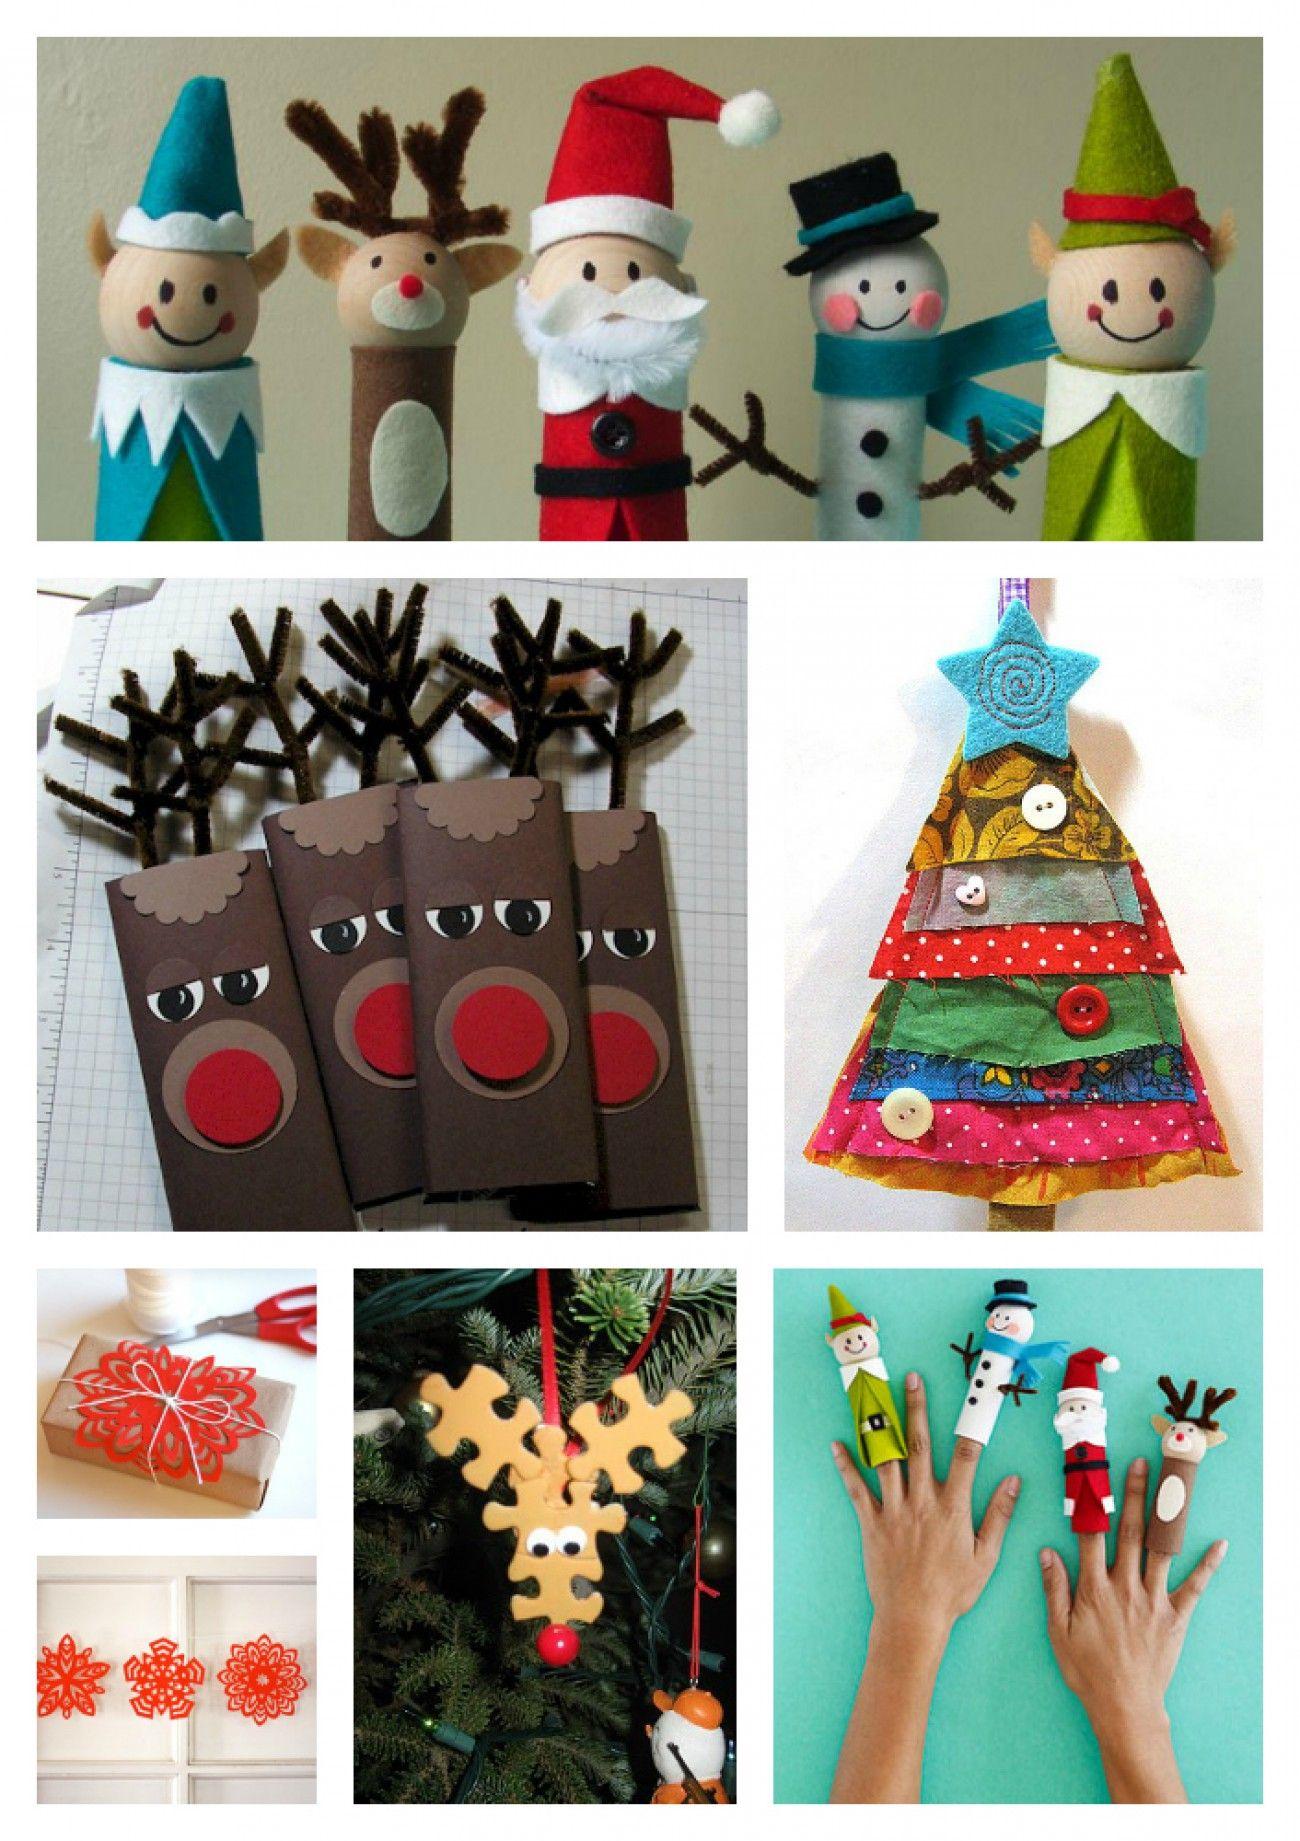 Kerst Knutselen Met Kinderen Knutselen Christmas Crafts For Kids